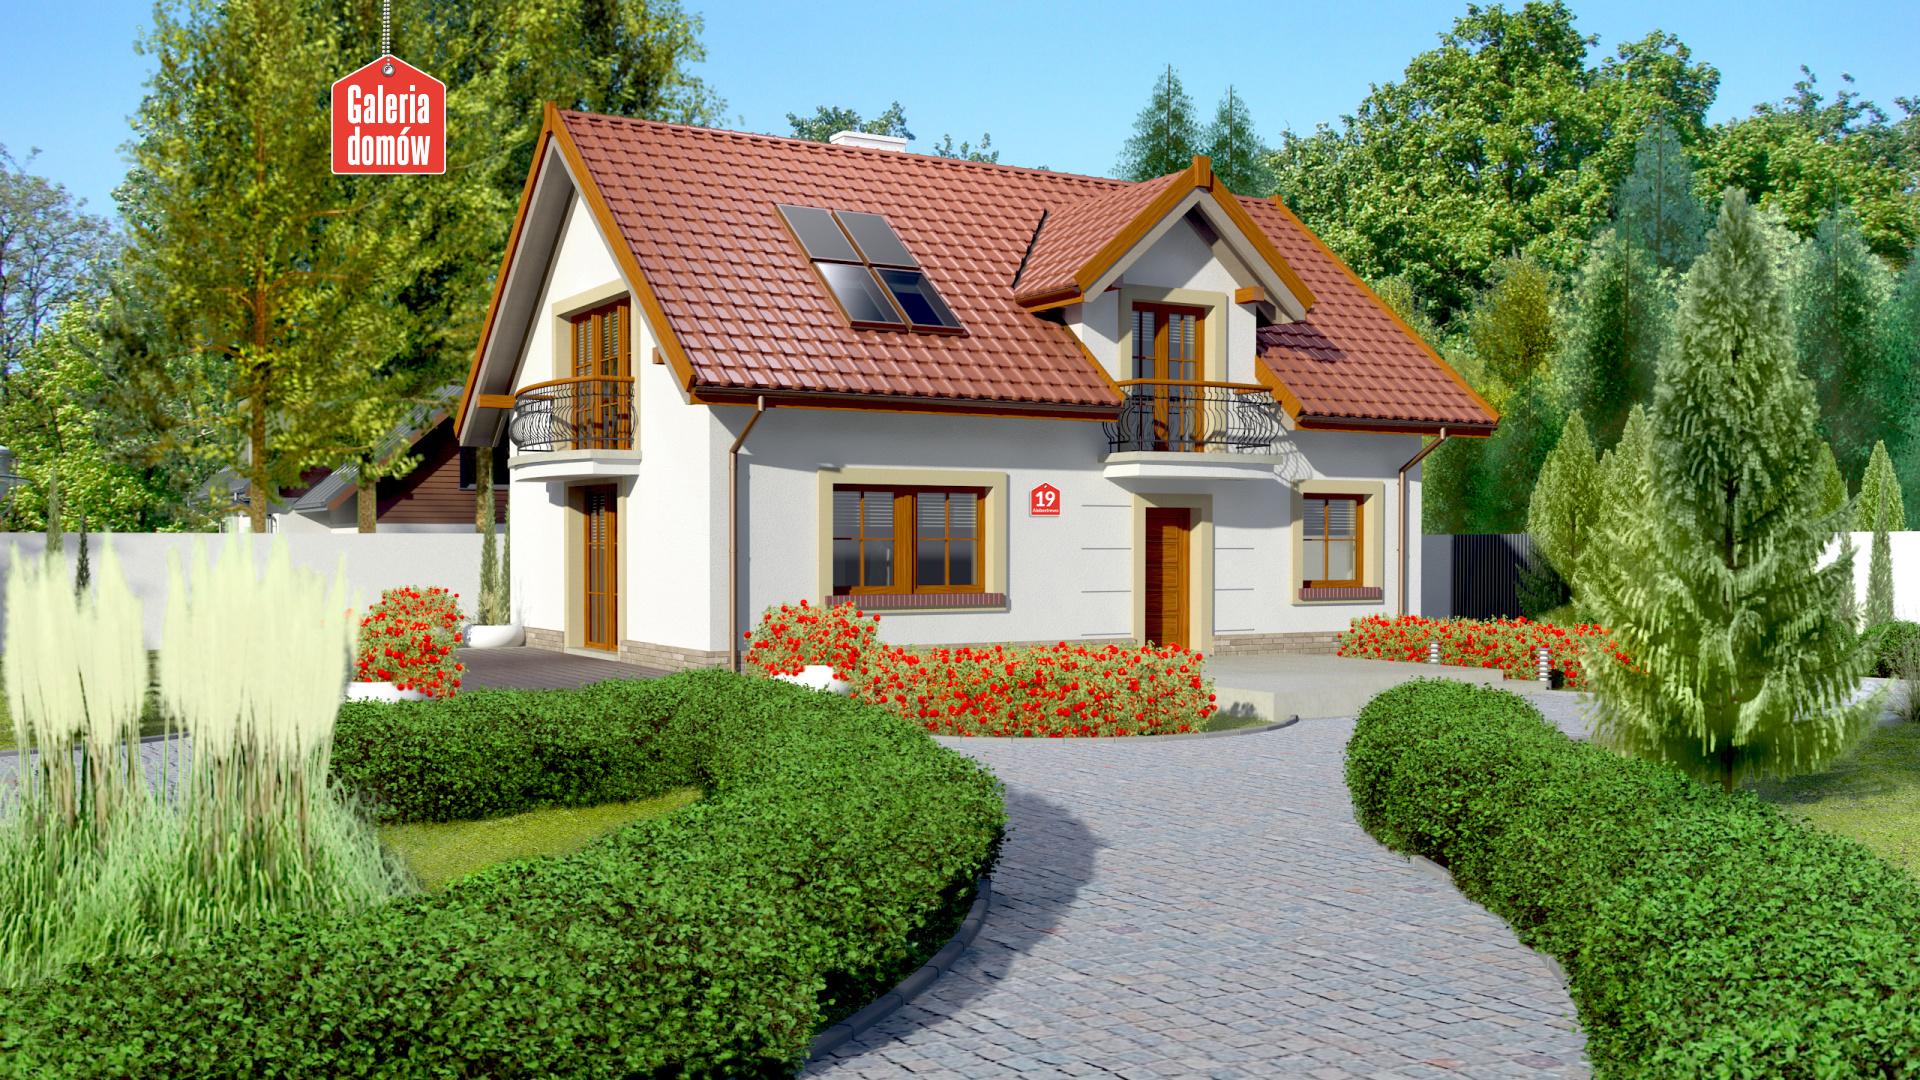 Dom przy Alabastrowej 19 - zdjęcie projektu i wizualizacja